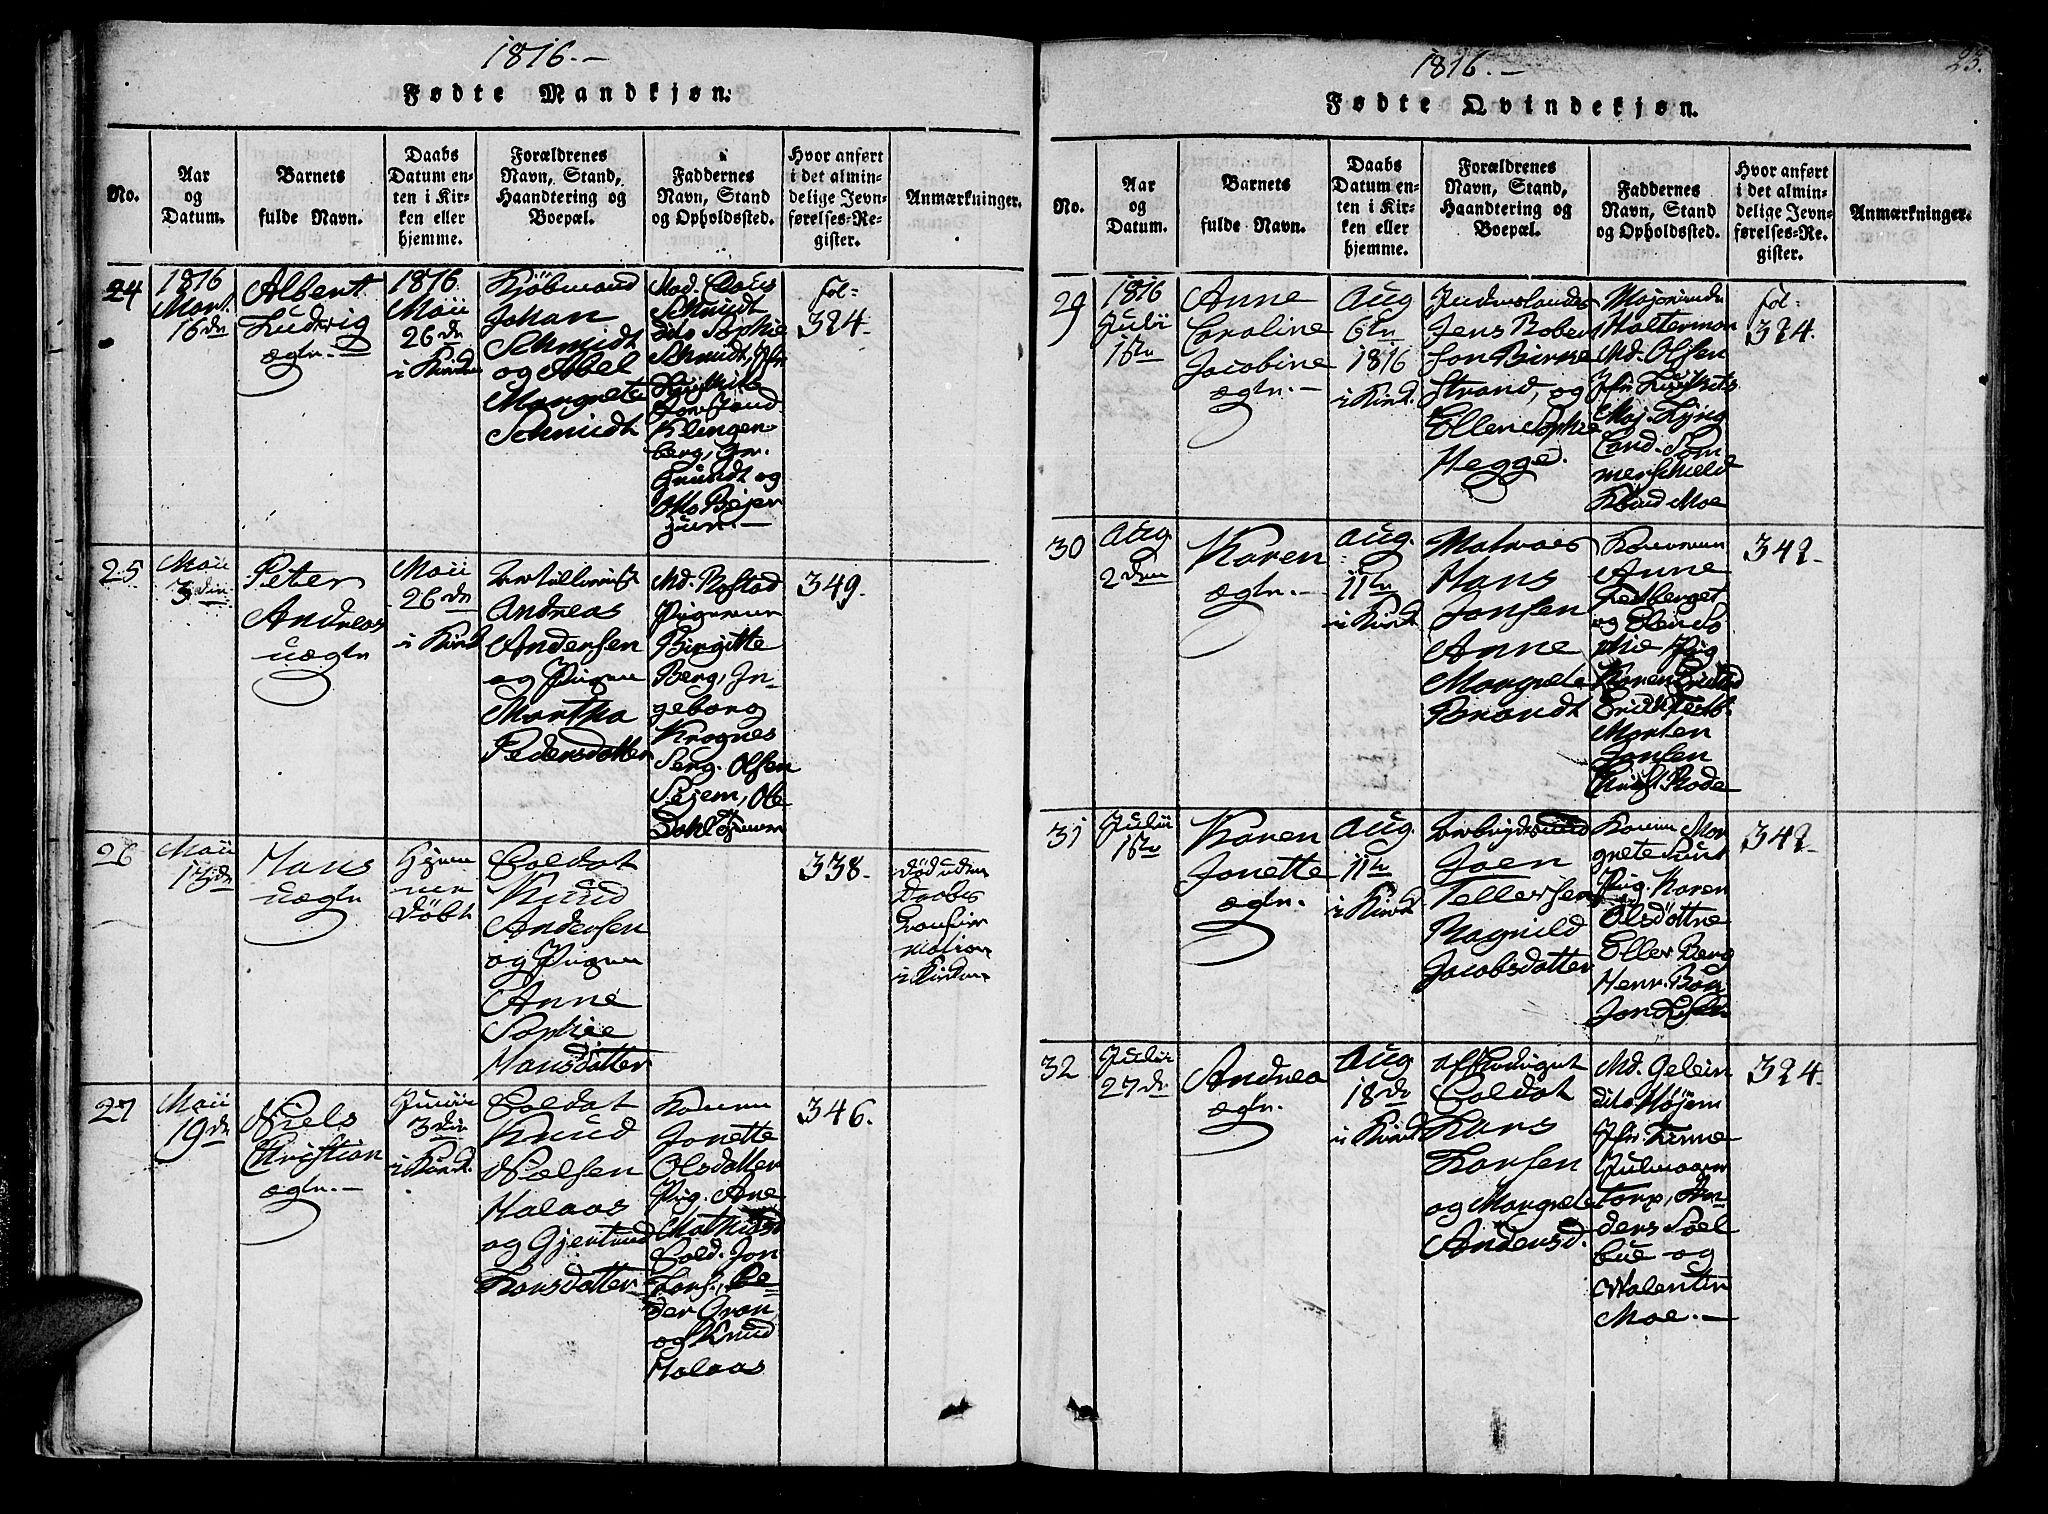 SAT, Ministerialprotokoller, klokkerbøker og fødselsregistre - Sør-Trøndelag, 602/L0107: Ministerialbok nr. 602A05, 1815-1821, s. 23